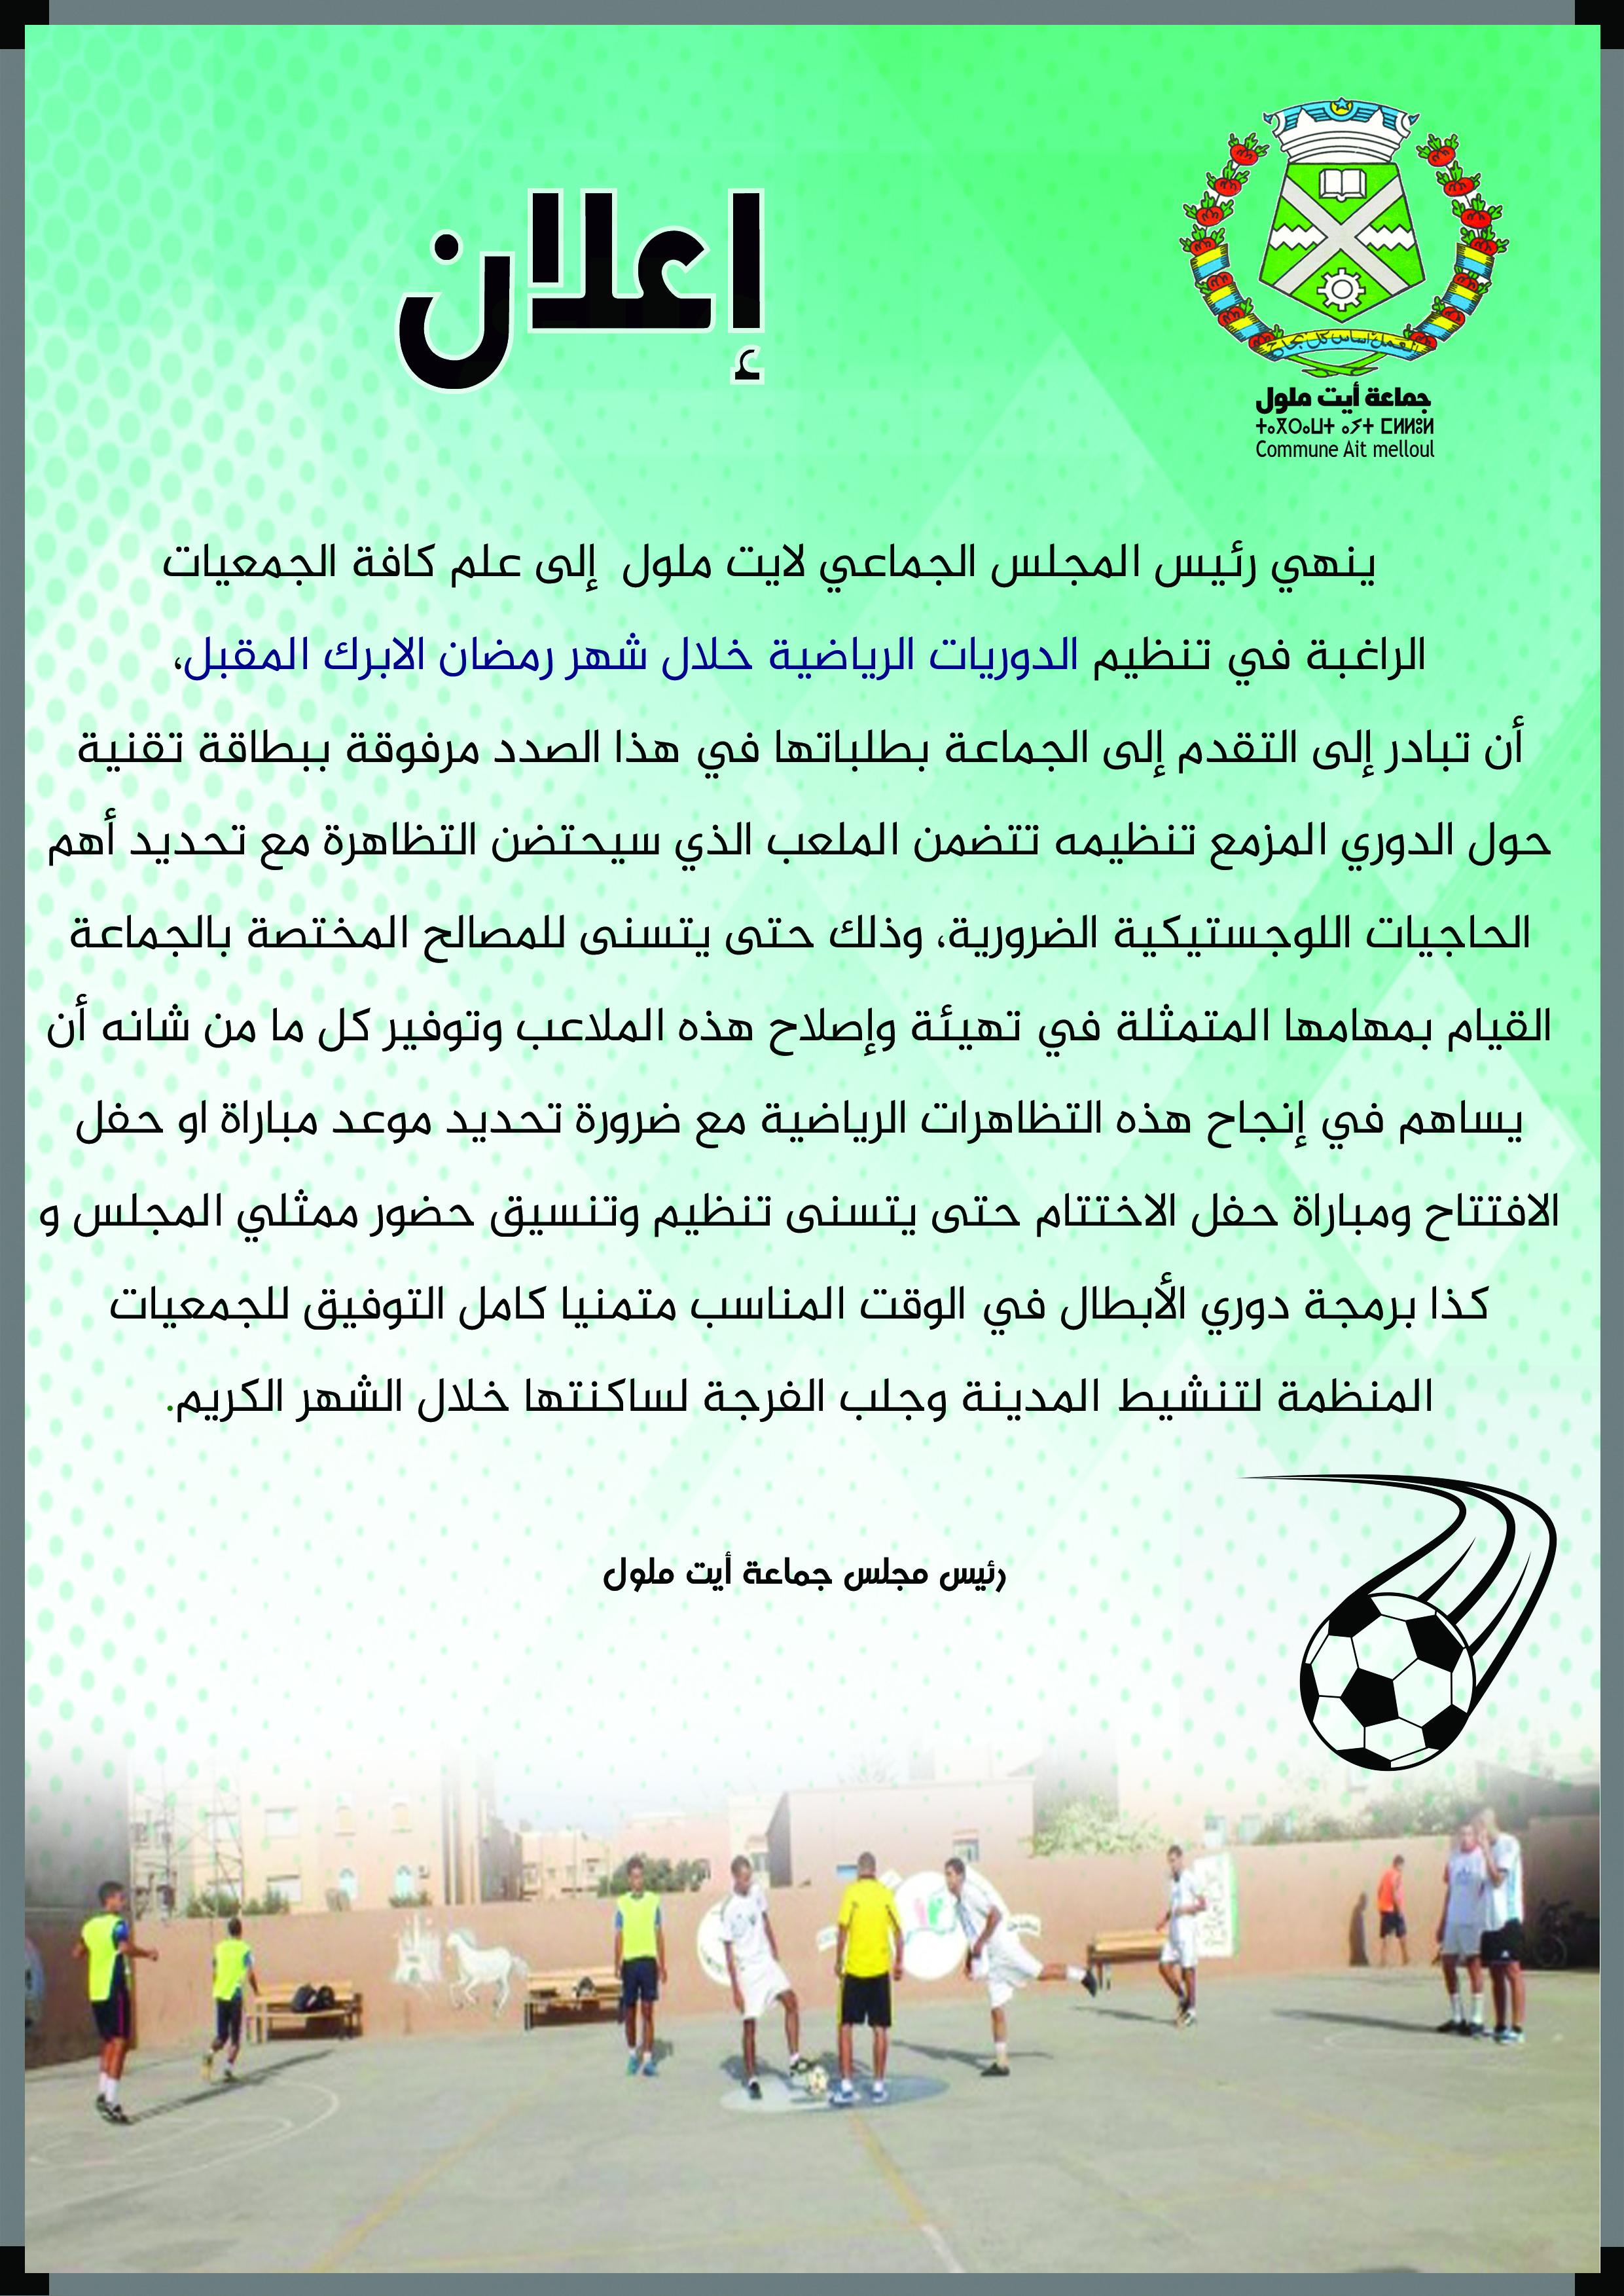 إعلان للجمعيات المنظمة للدوريات الرمضانية